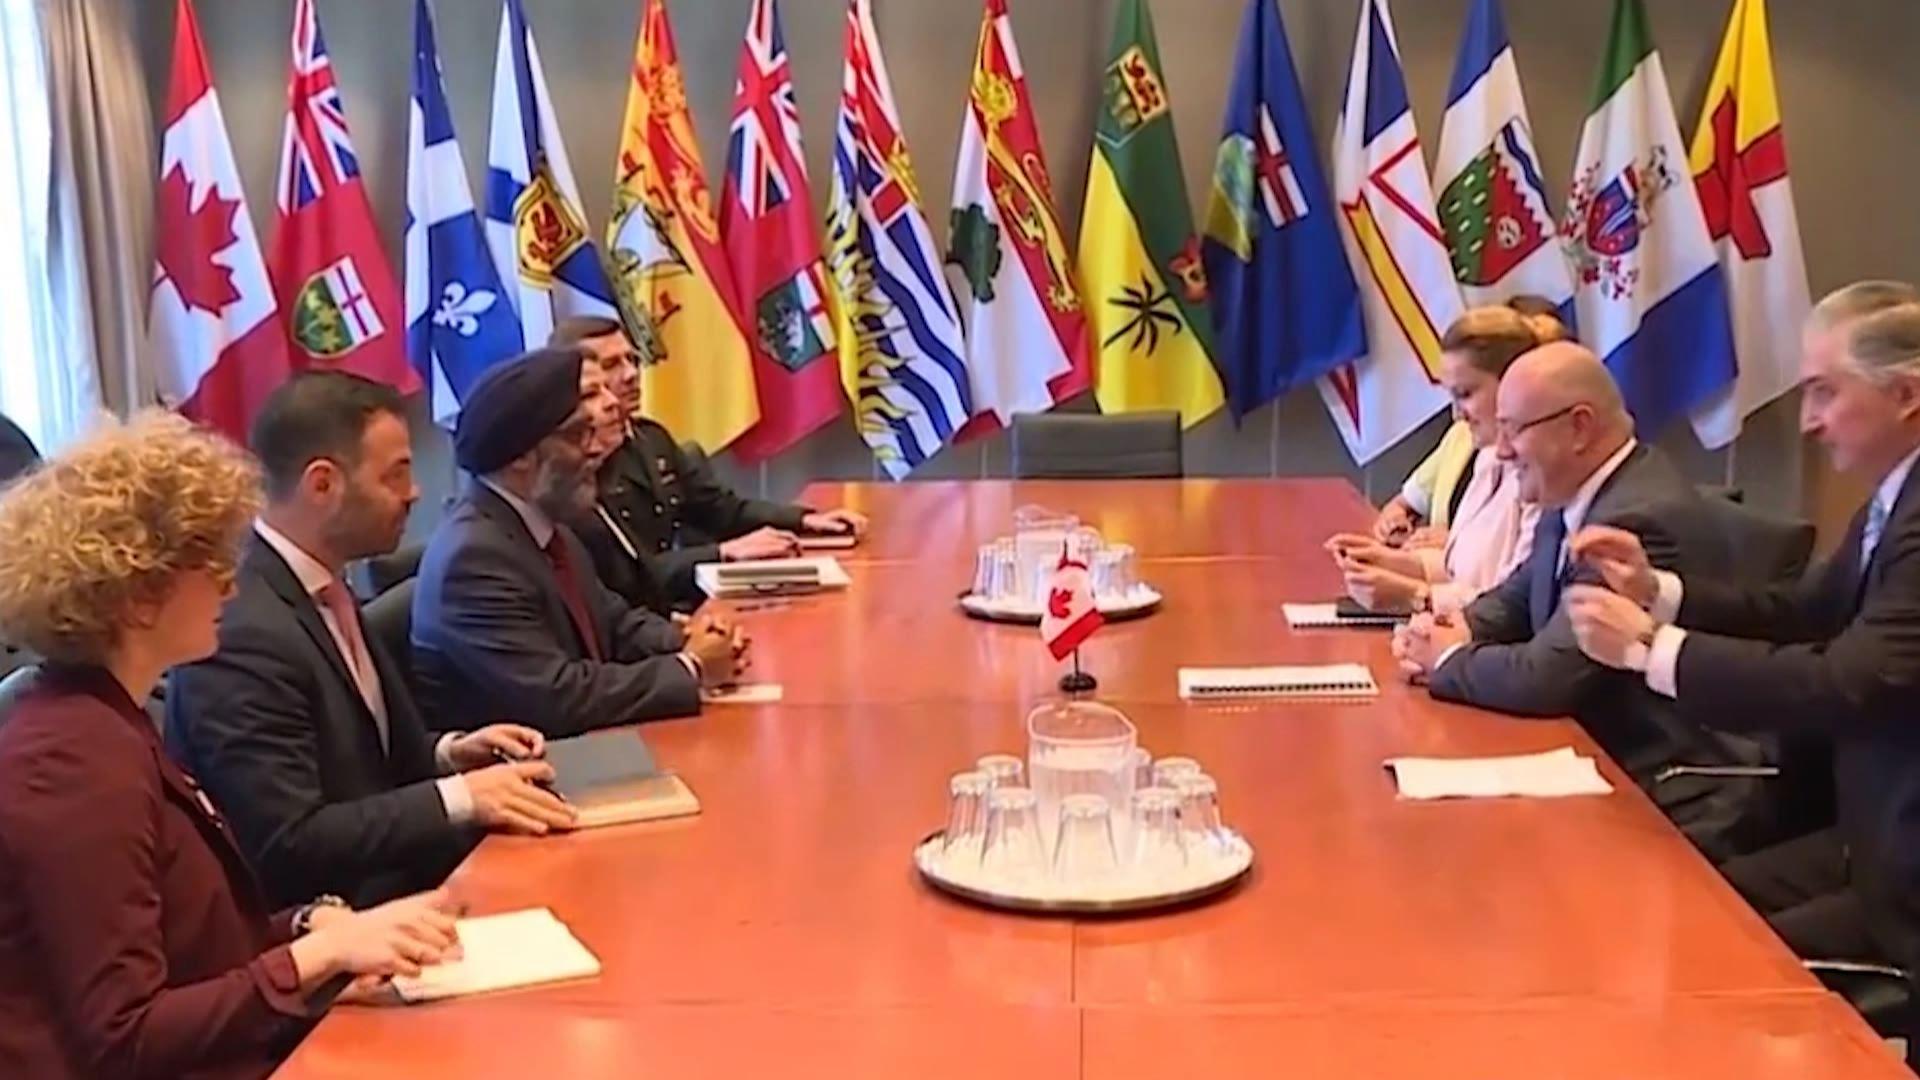 საქართველო - კანადა